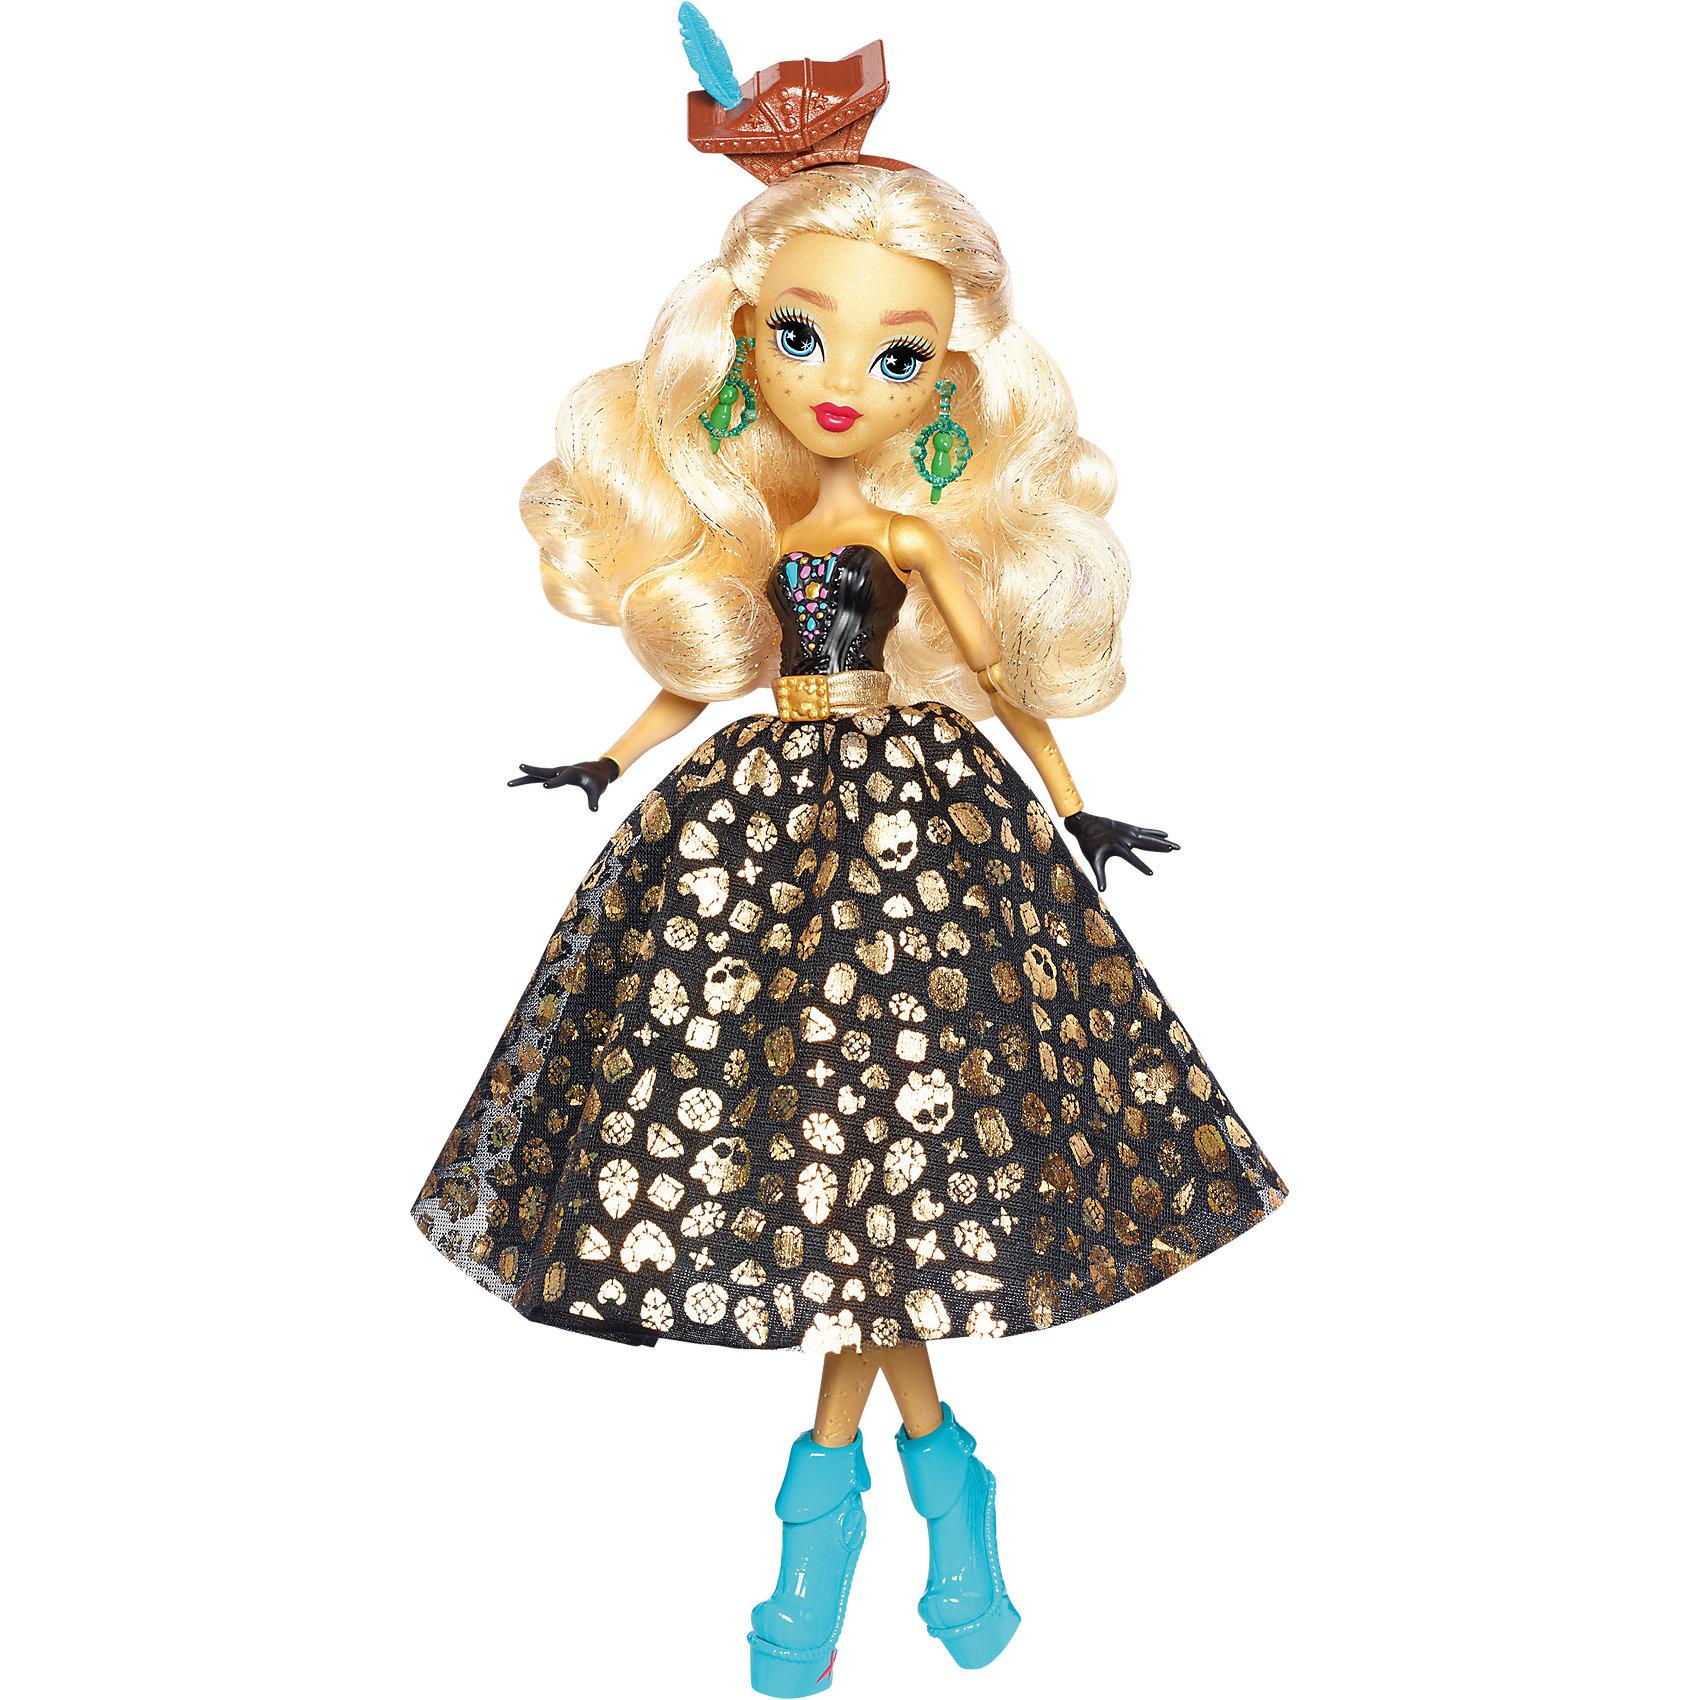 Mattel Кукла Дана Джонс из серии Пиратская авантюра, Monster High monster high пиратская авантюра дана джонс